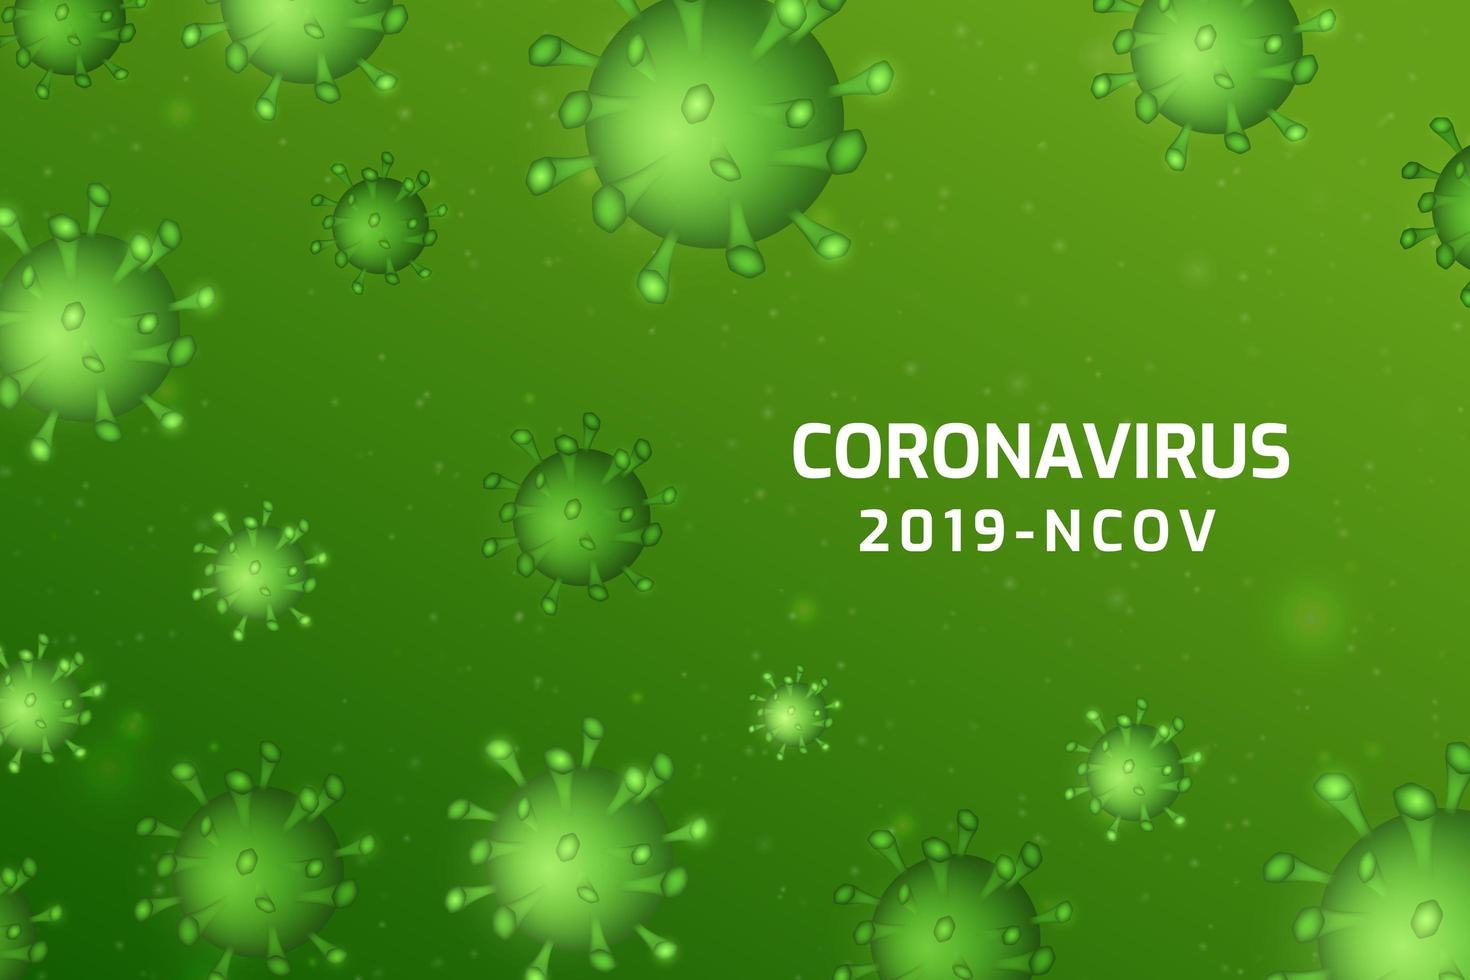 virusinfektion eller bakterieceller bakgrund. vektor